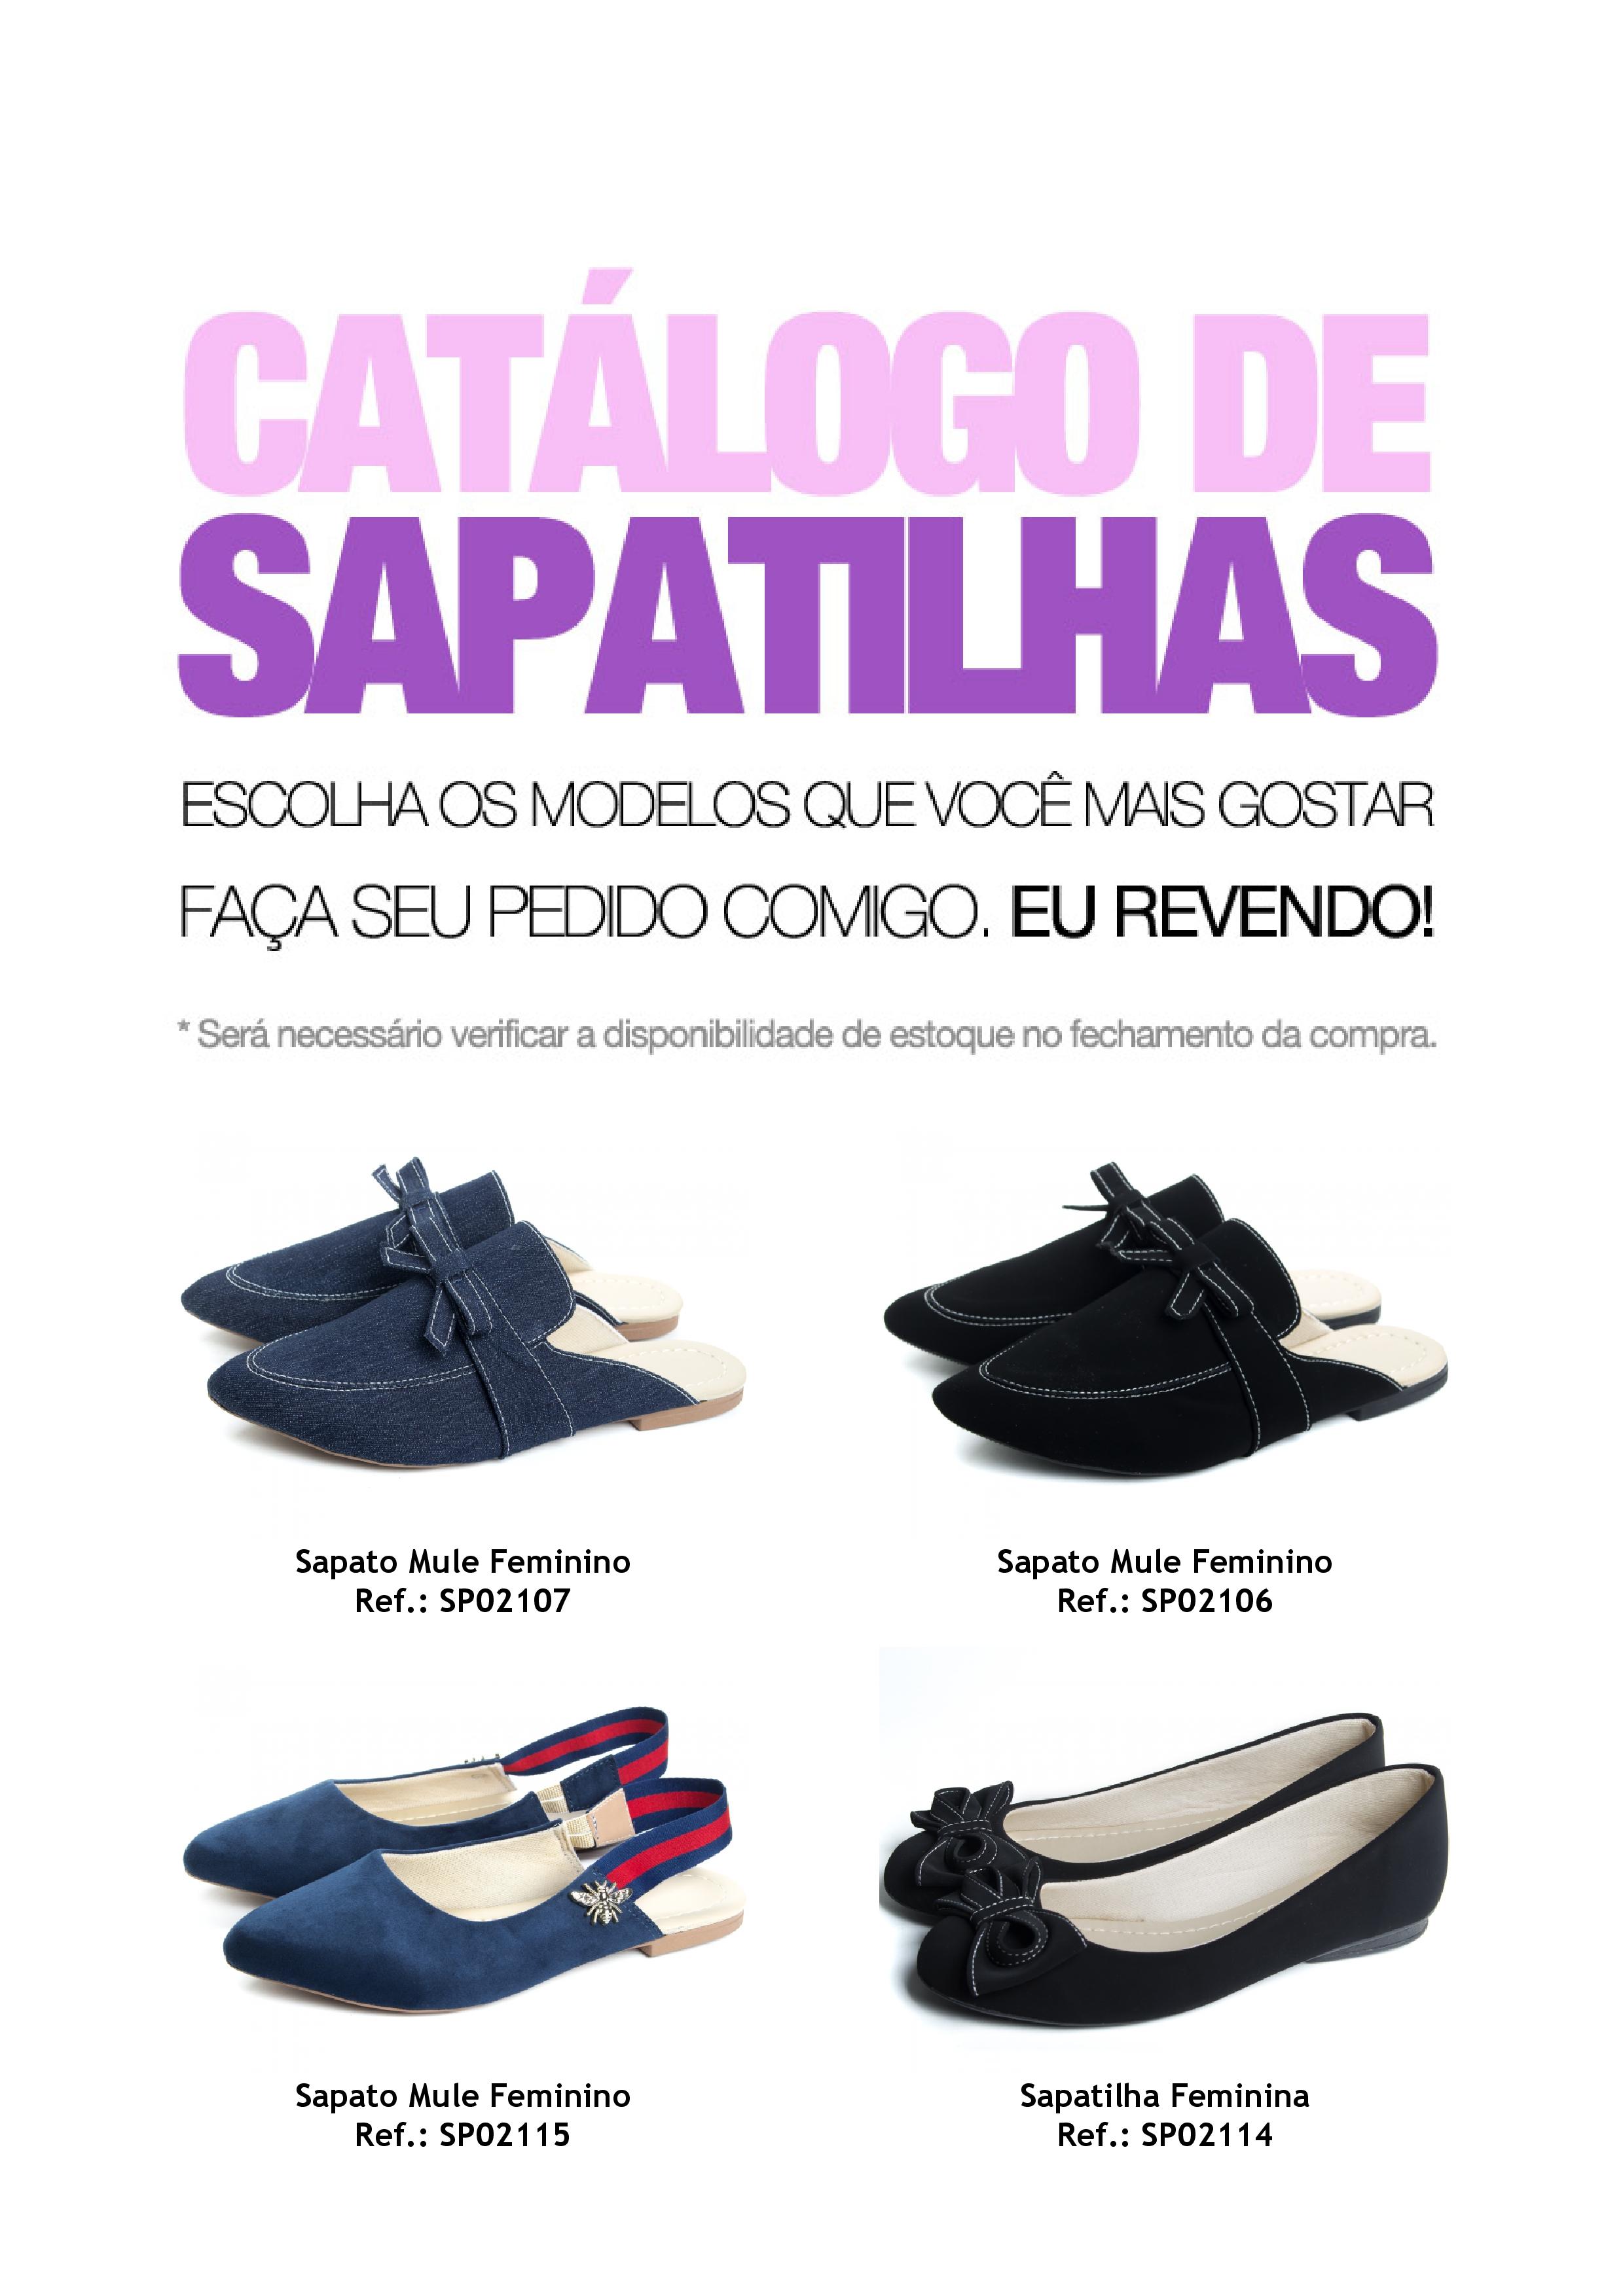 5f3081f14 Catálogo de Sapatilhas para Revenda - Faça download